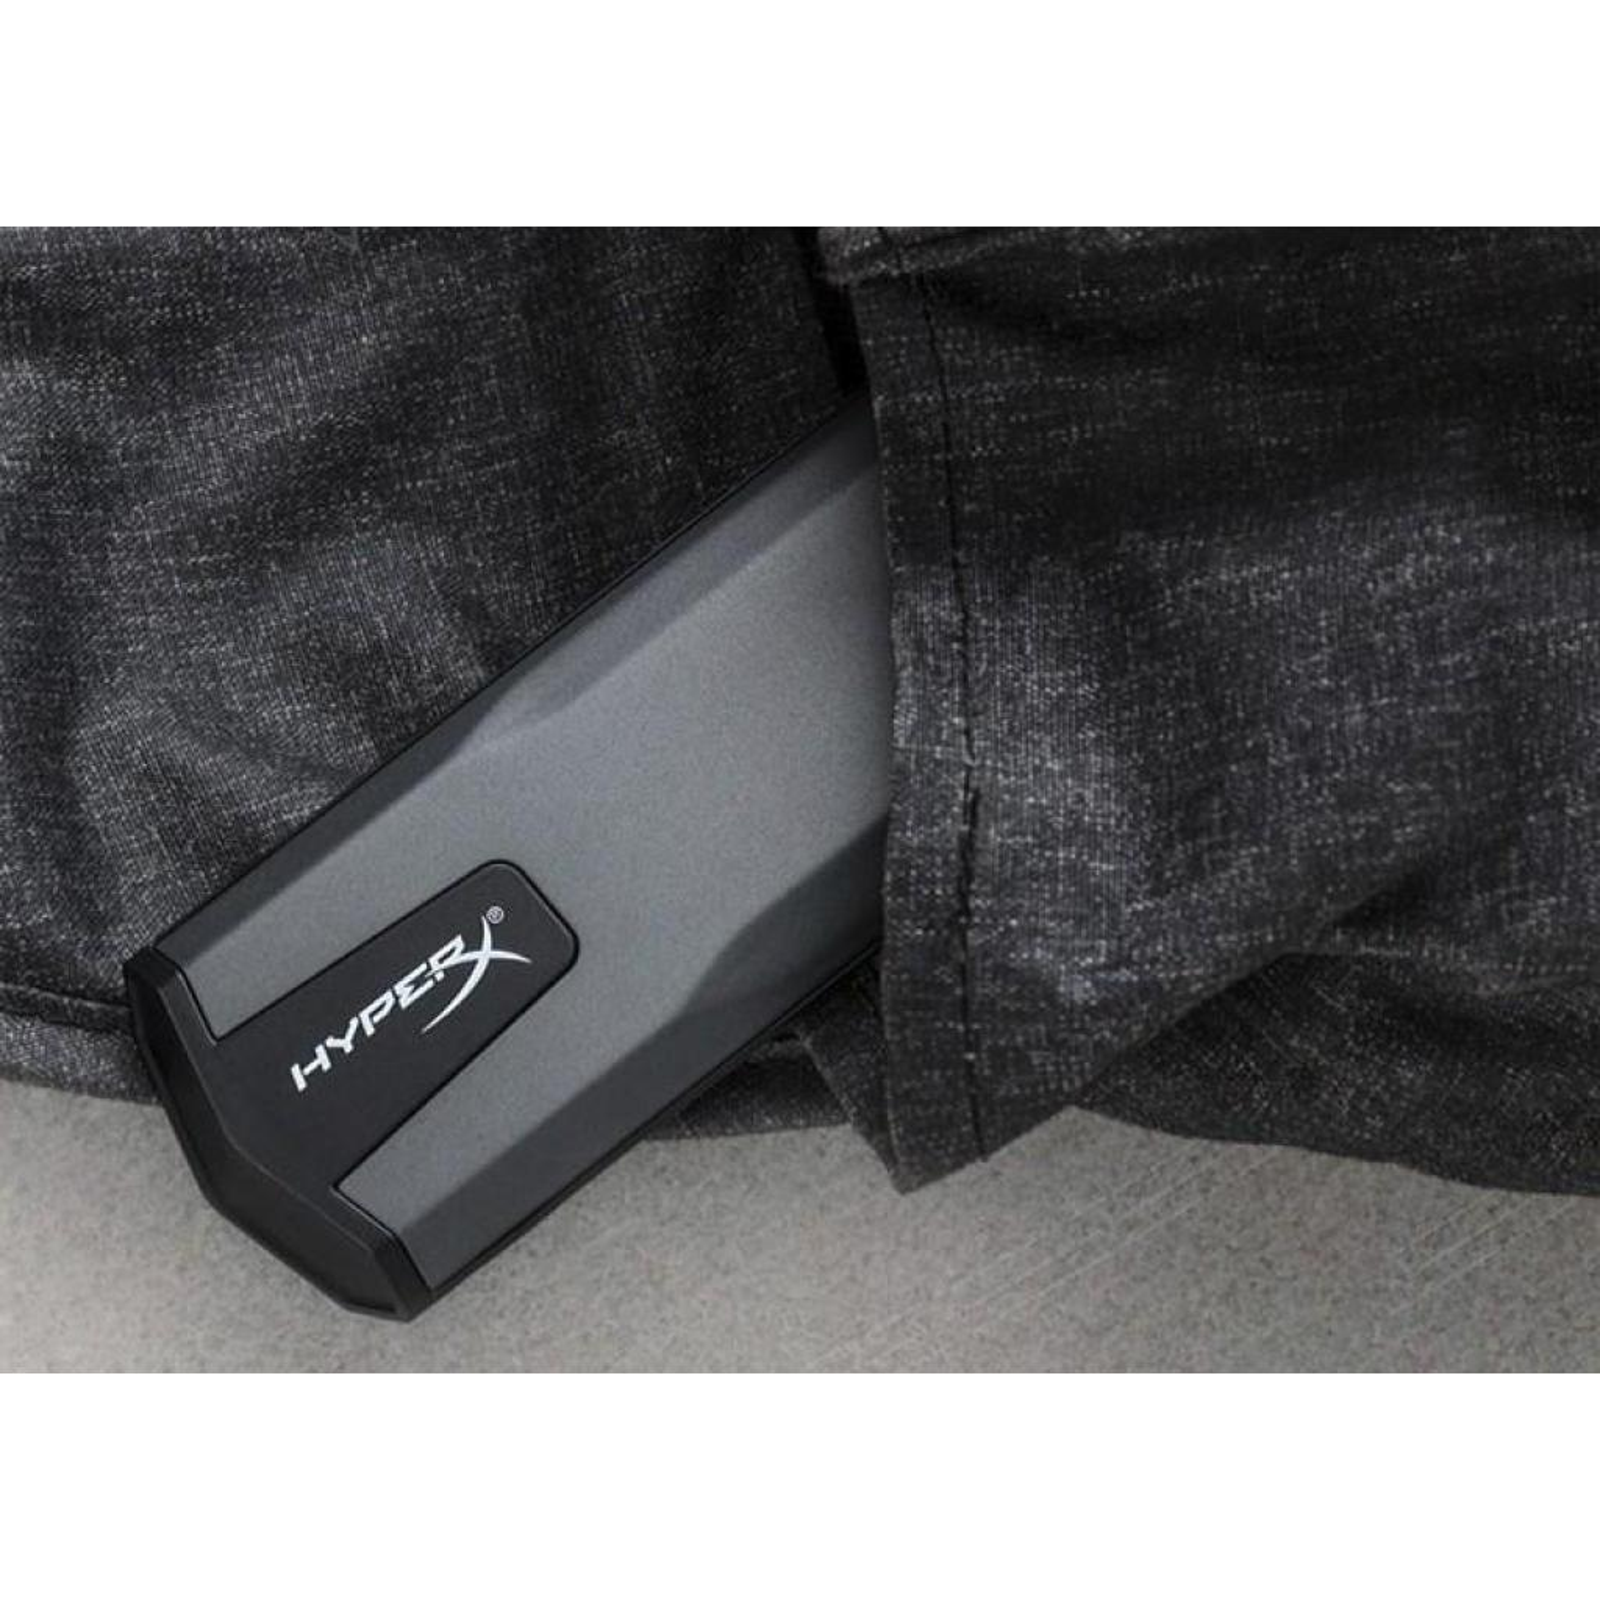 Накопичувач SSD USB 3.1 480GB HyperX (SHSX100/480G) зображення 8